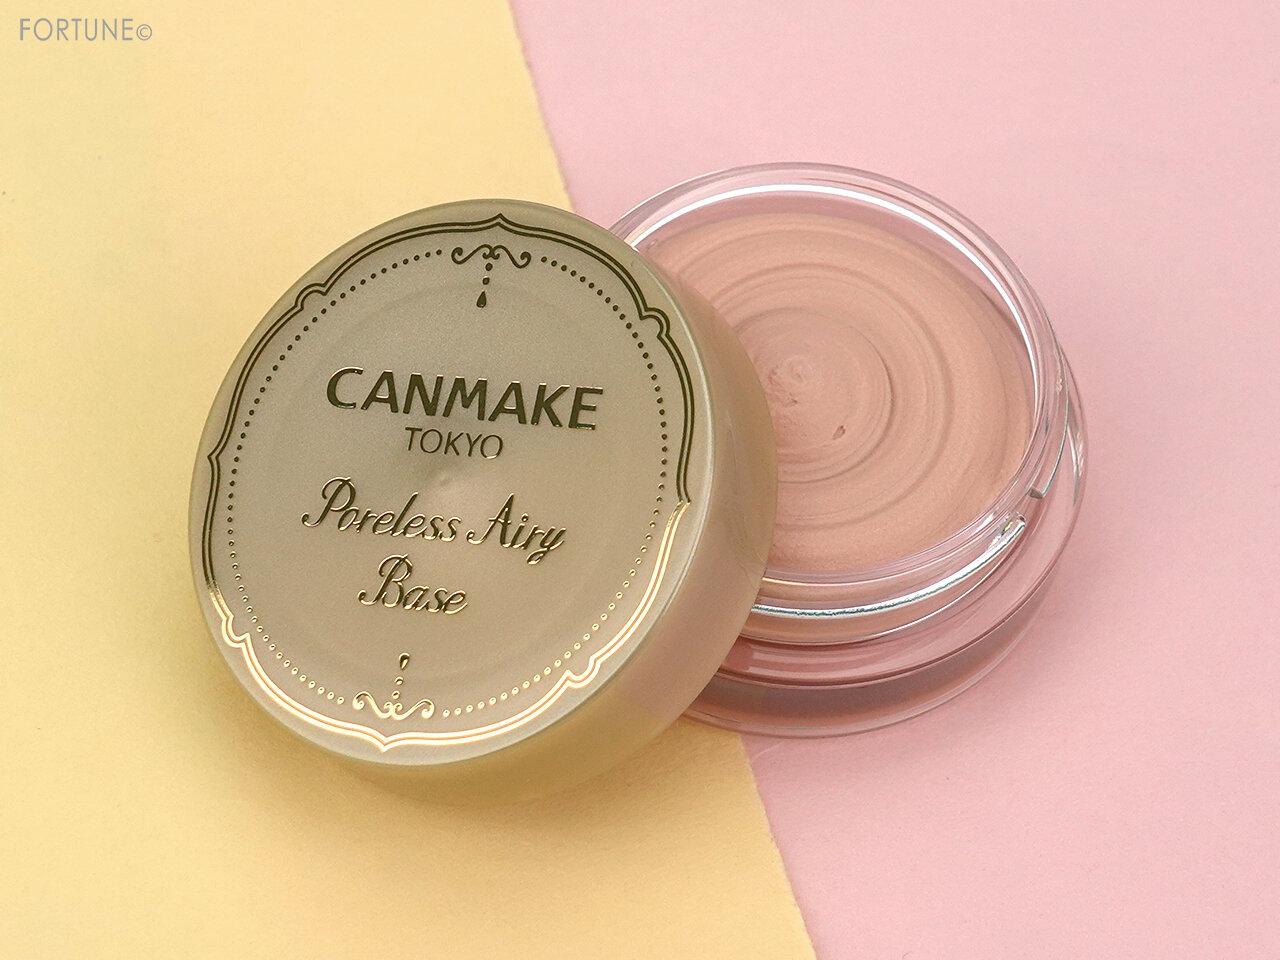 CANMAKE(キャンメイク) ポアレスエアリーベース